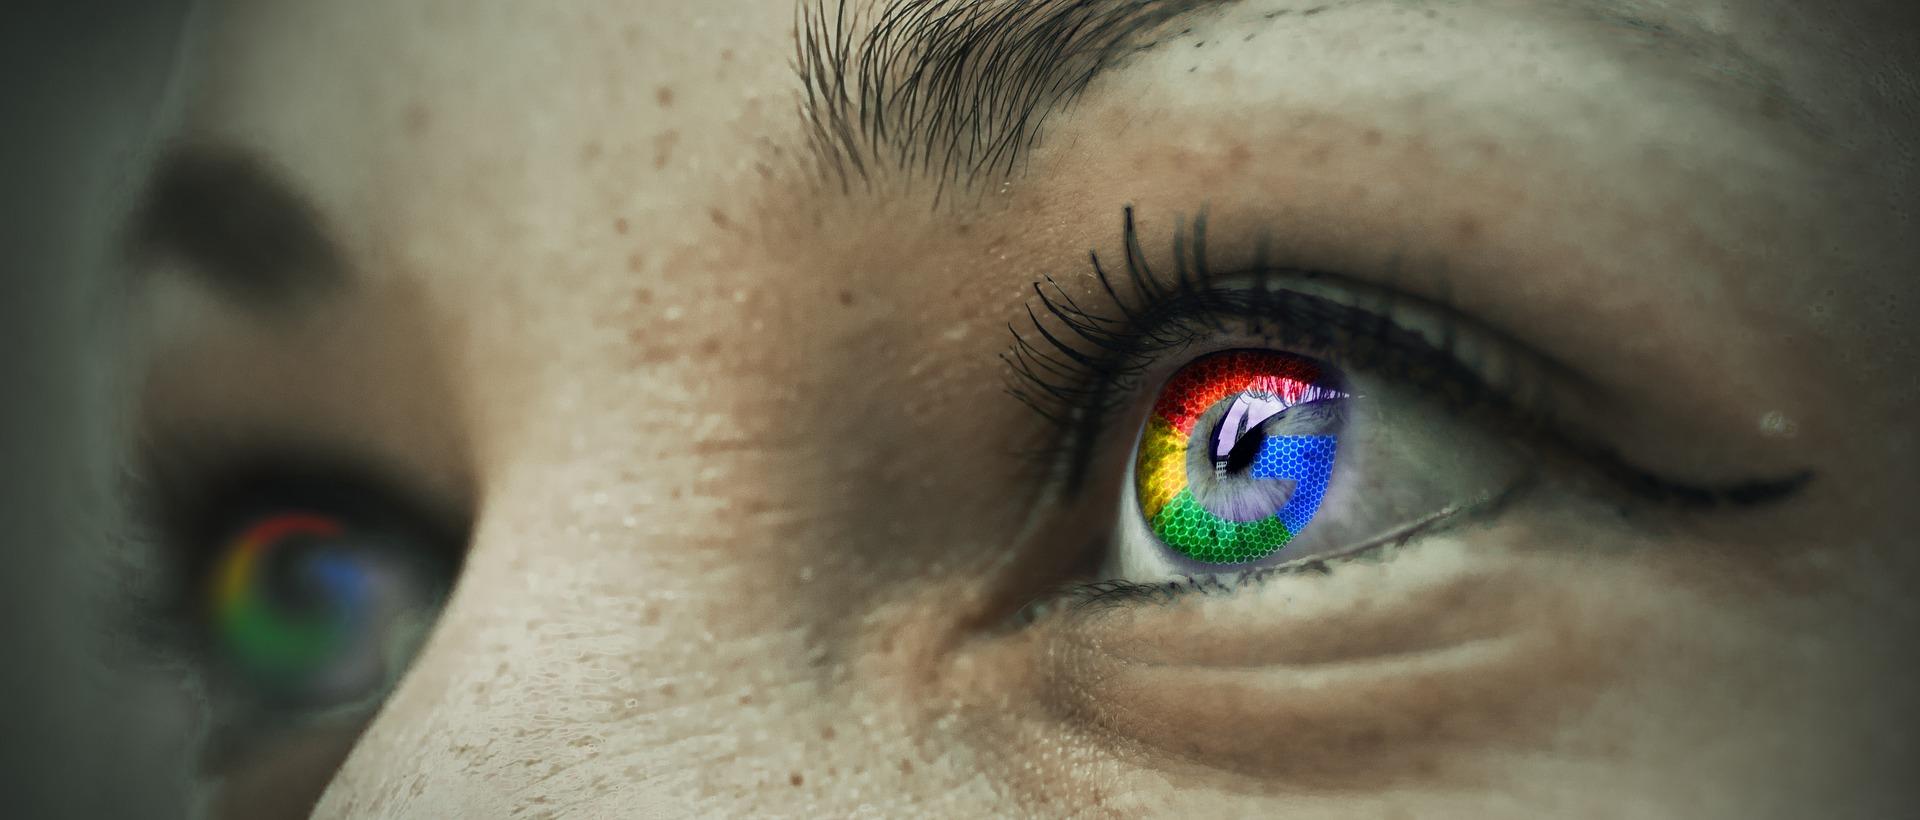 """谷歌面试:重视技能和经验,减少""""认知能力""""和""""文化契合度""""考察"""